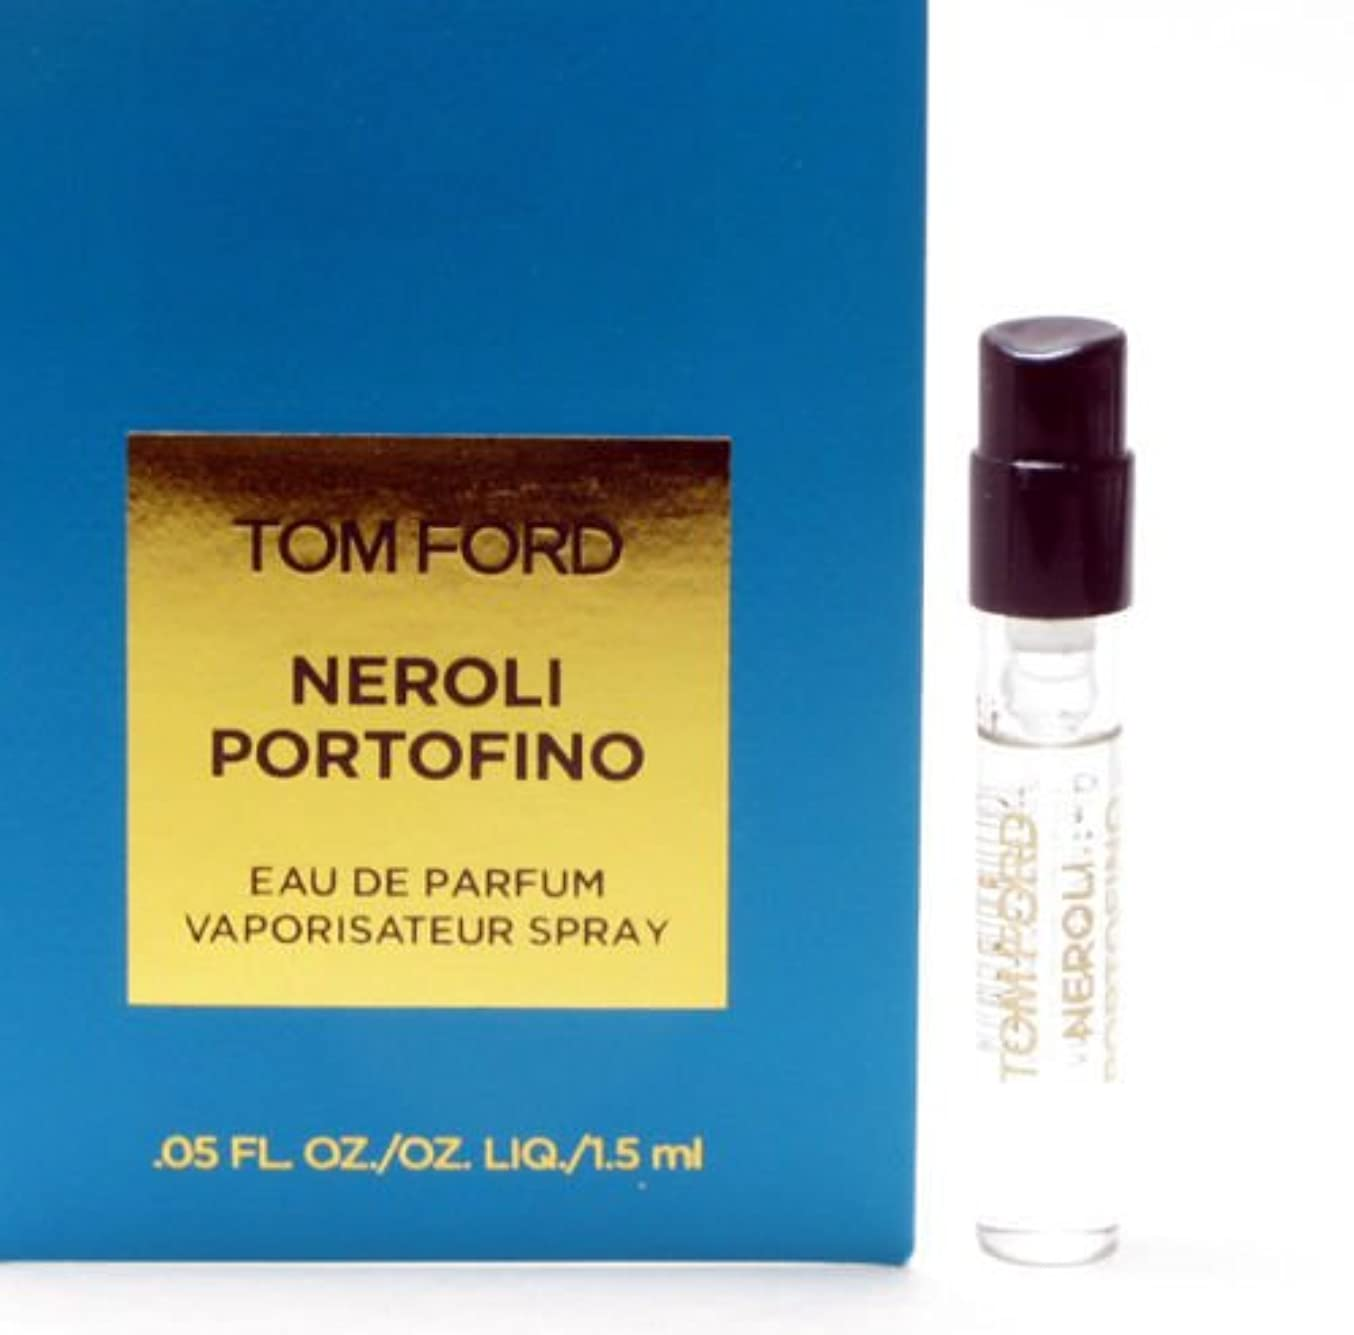 西部予測子時々Tom Ford Private Blend 'Neroli Portofino' (トムフォード プライベートブレンド ネロリポートフィーノ) 0.05 oz (1.5ml) EDP Sample サンプル Spray